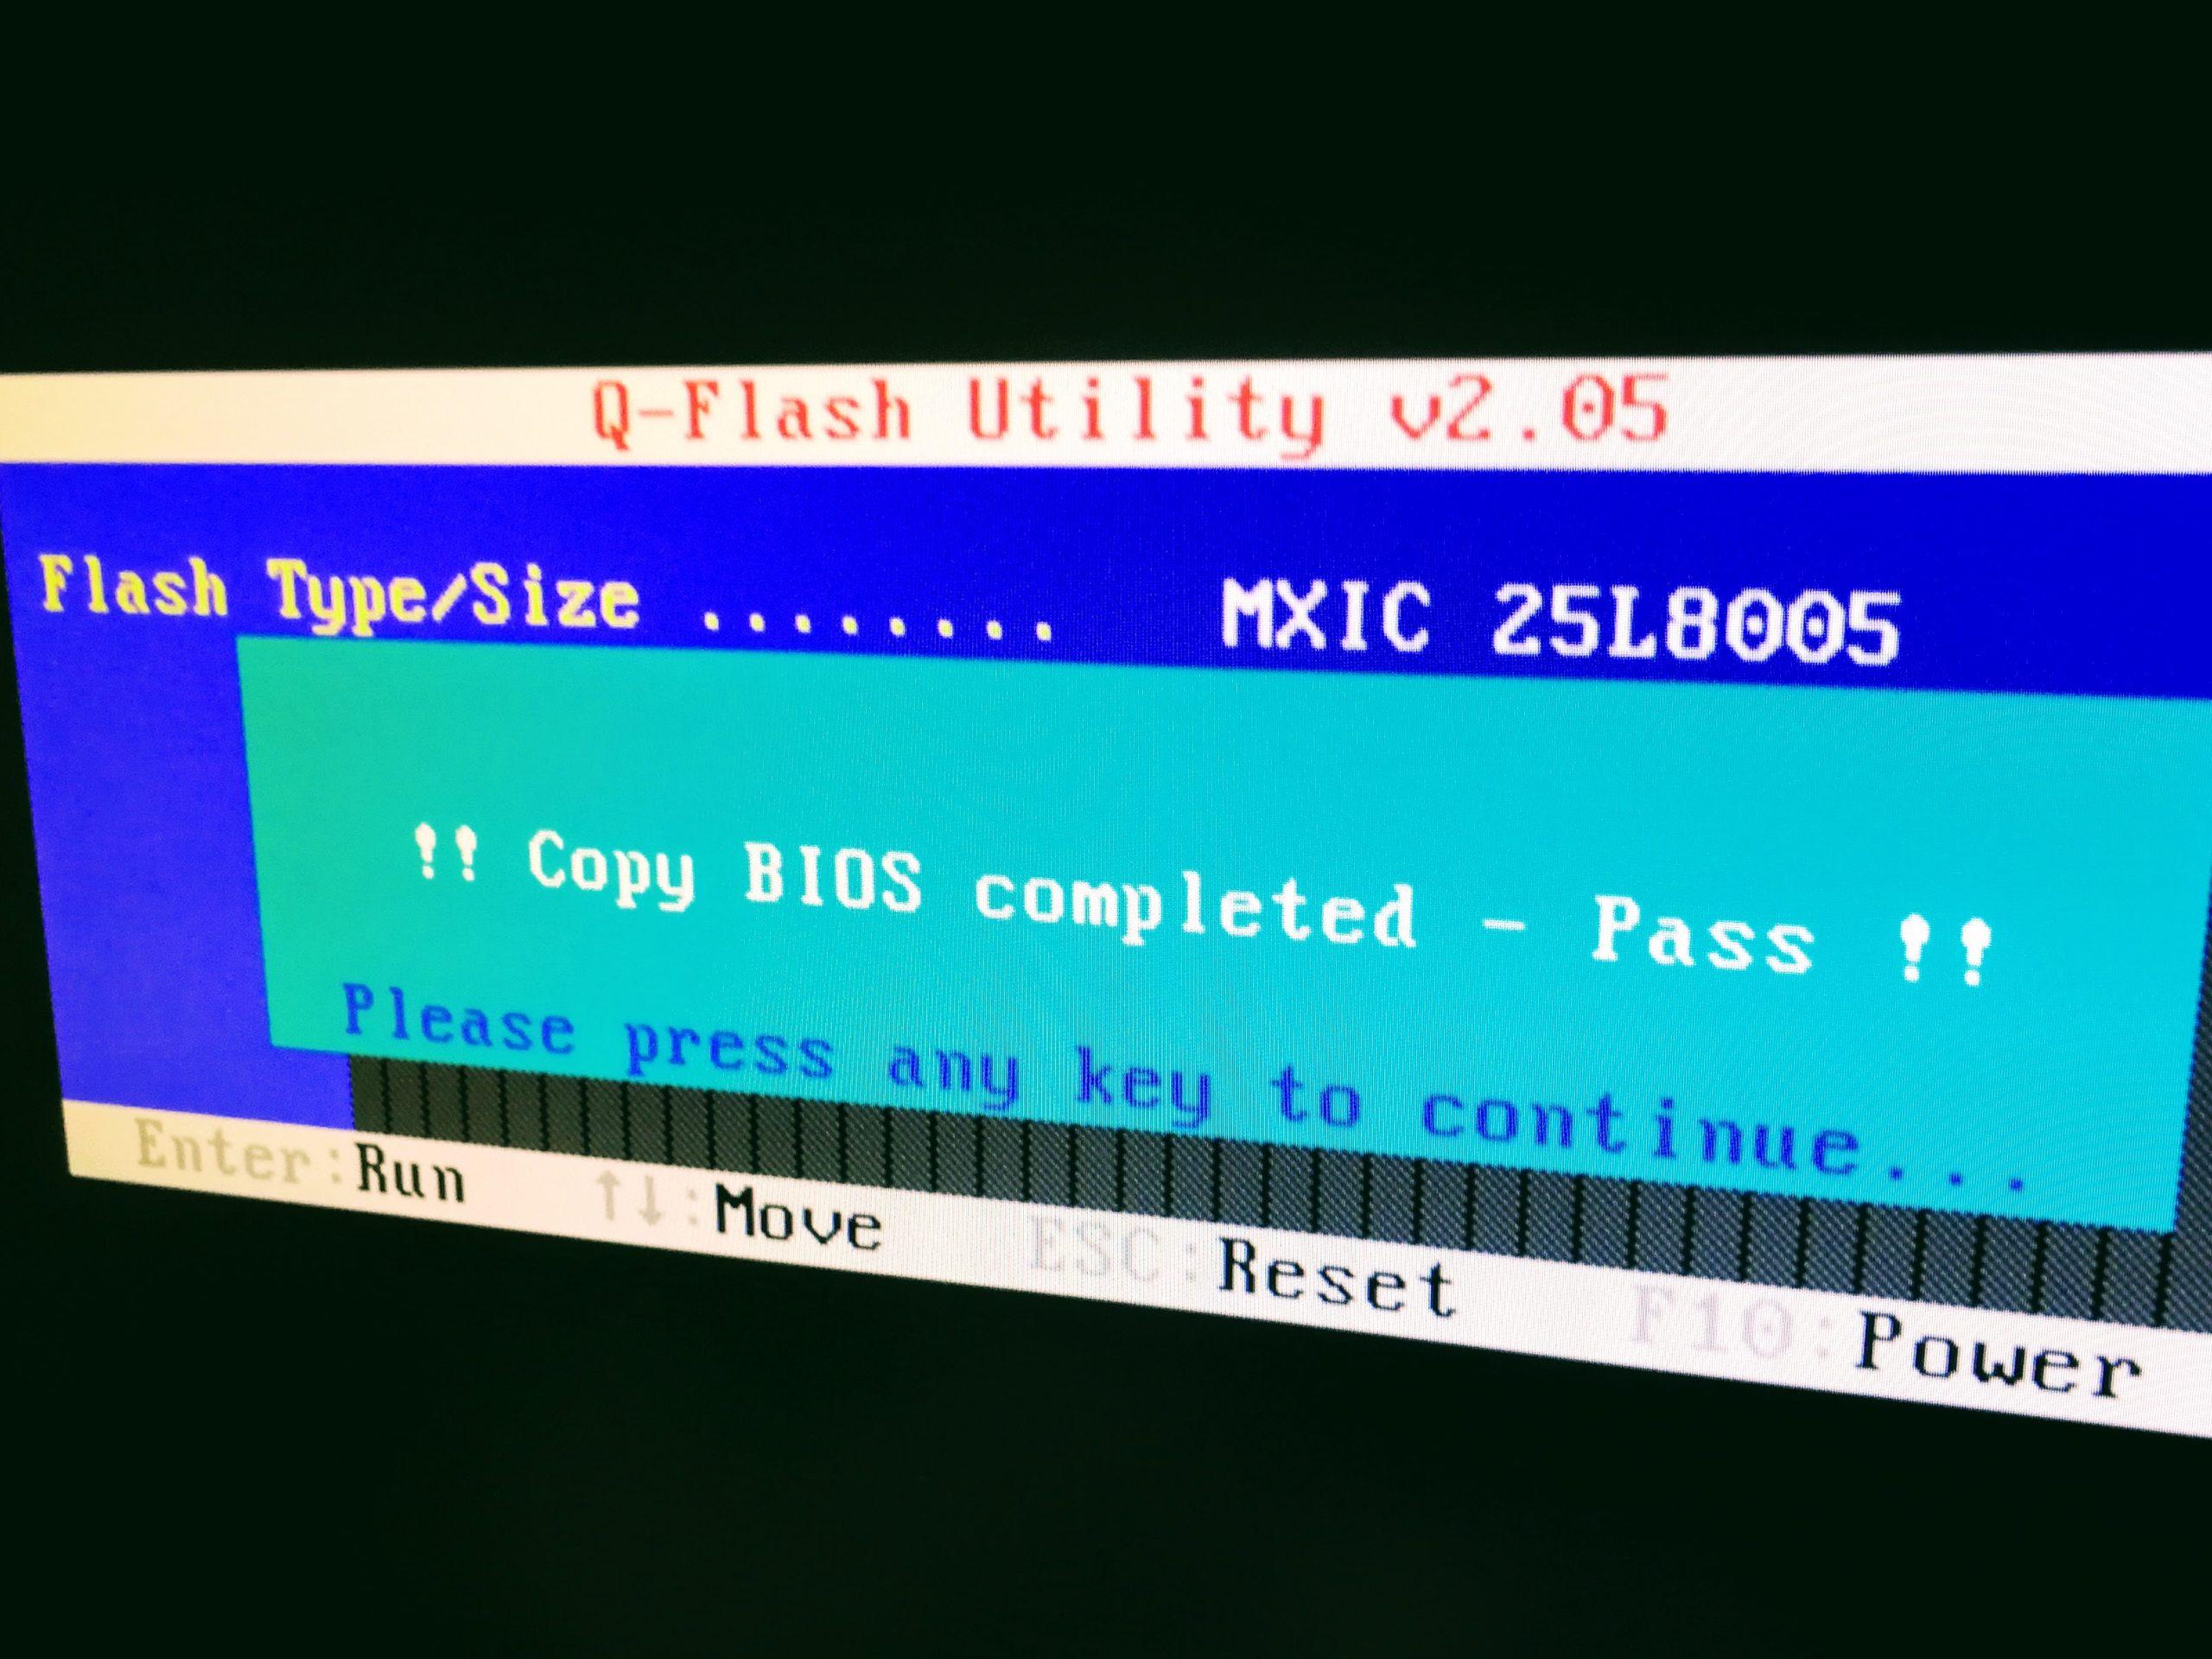 古いBIOSのアップデートも無事完了